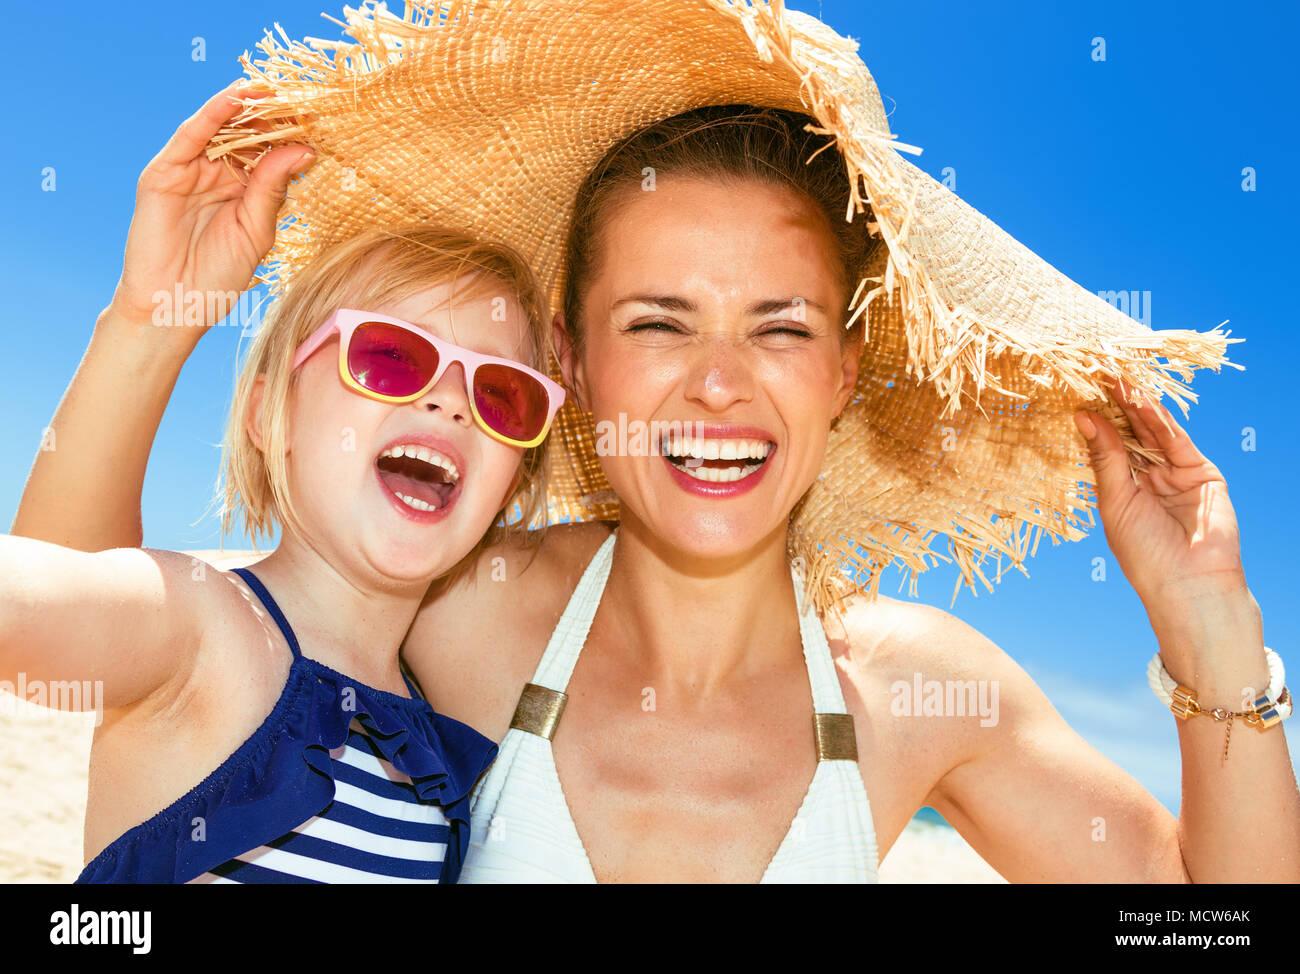 E per il divertimento di tutta la famiglia sulla sabbia bianca. Felice moderno la madre e il bambino in costume da bagno sul Seacoast tenendo selfie Immagini Stock